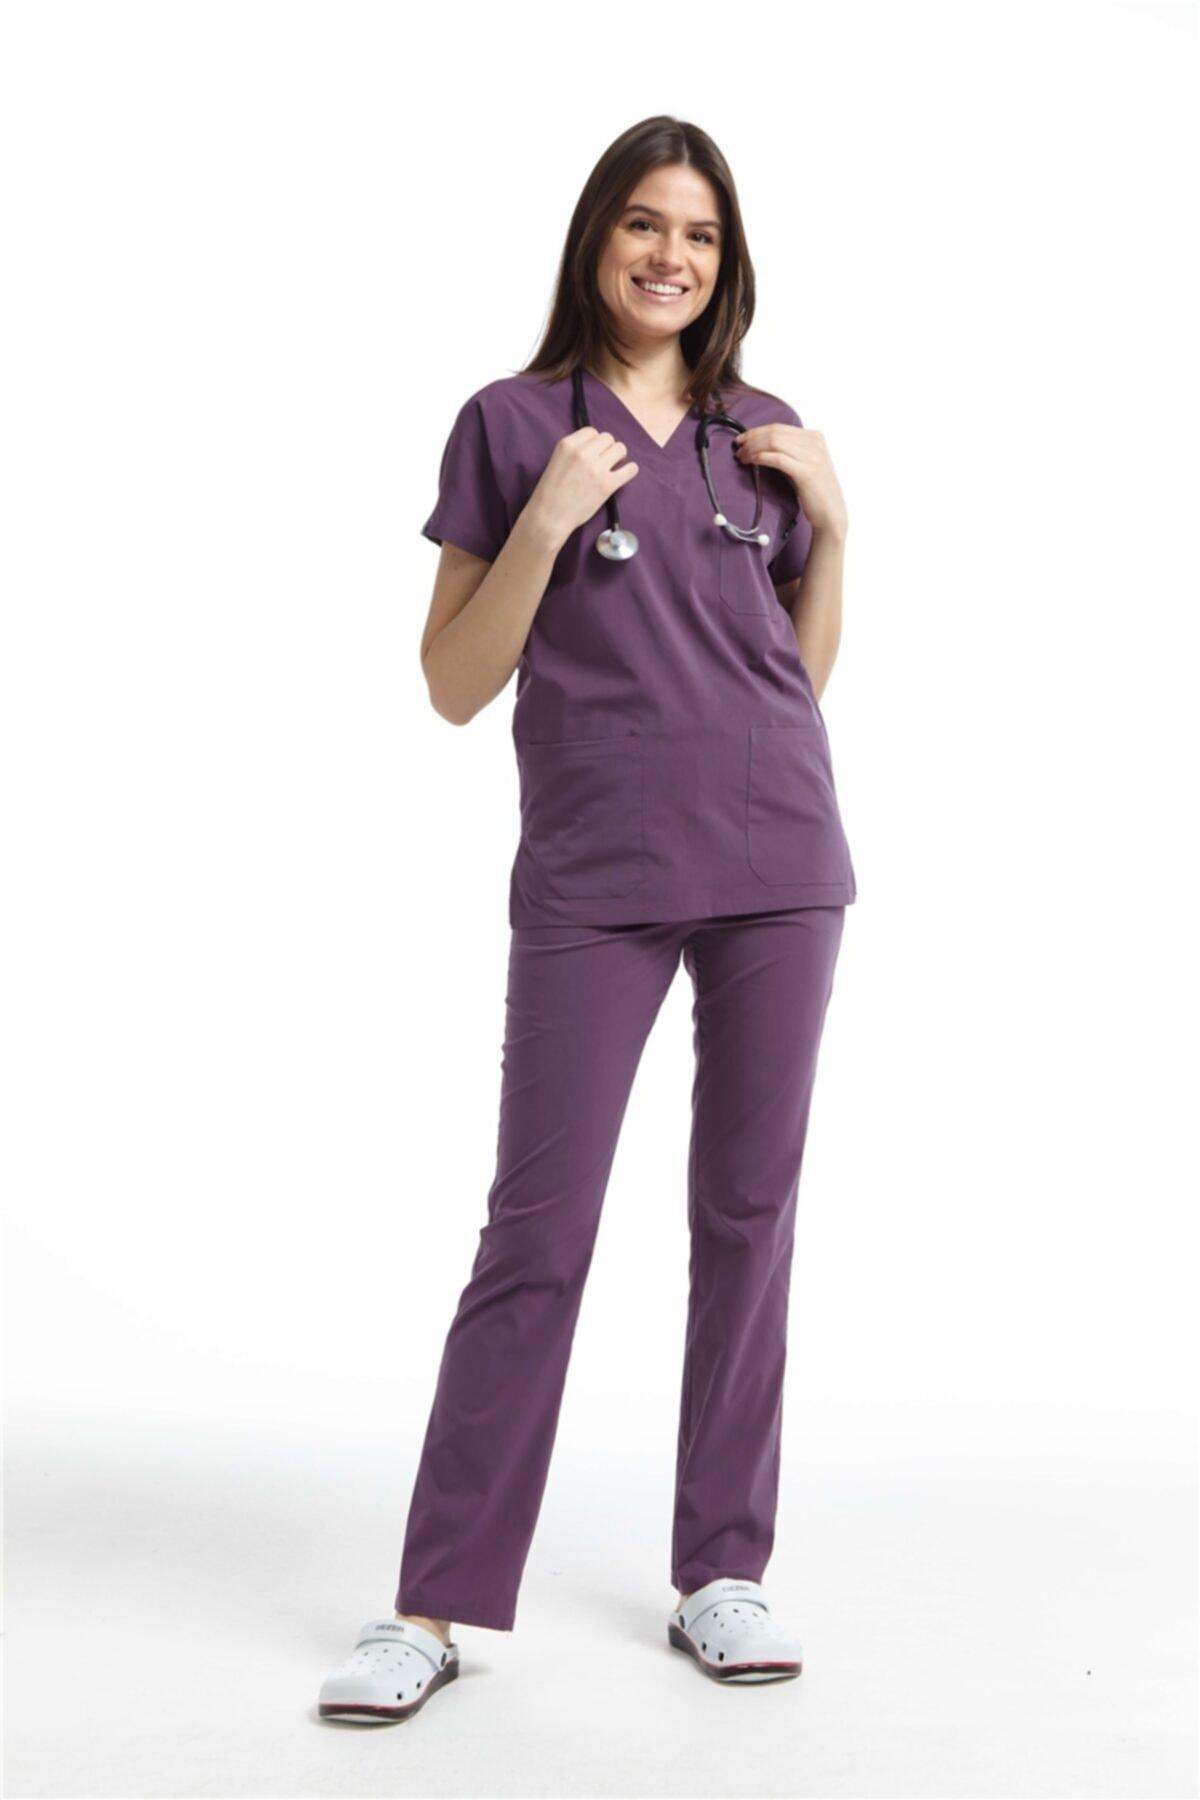 Ultralycra Spaniard - Doktor Hemşire Forma Takımı (KADIN), Gül Kurusu